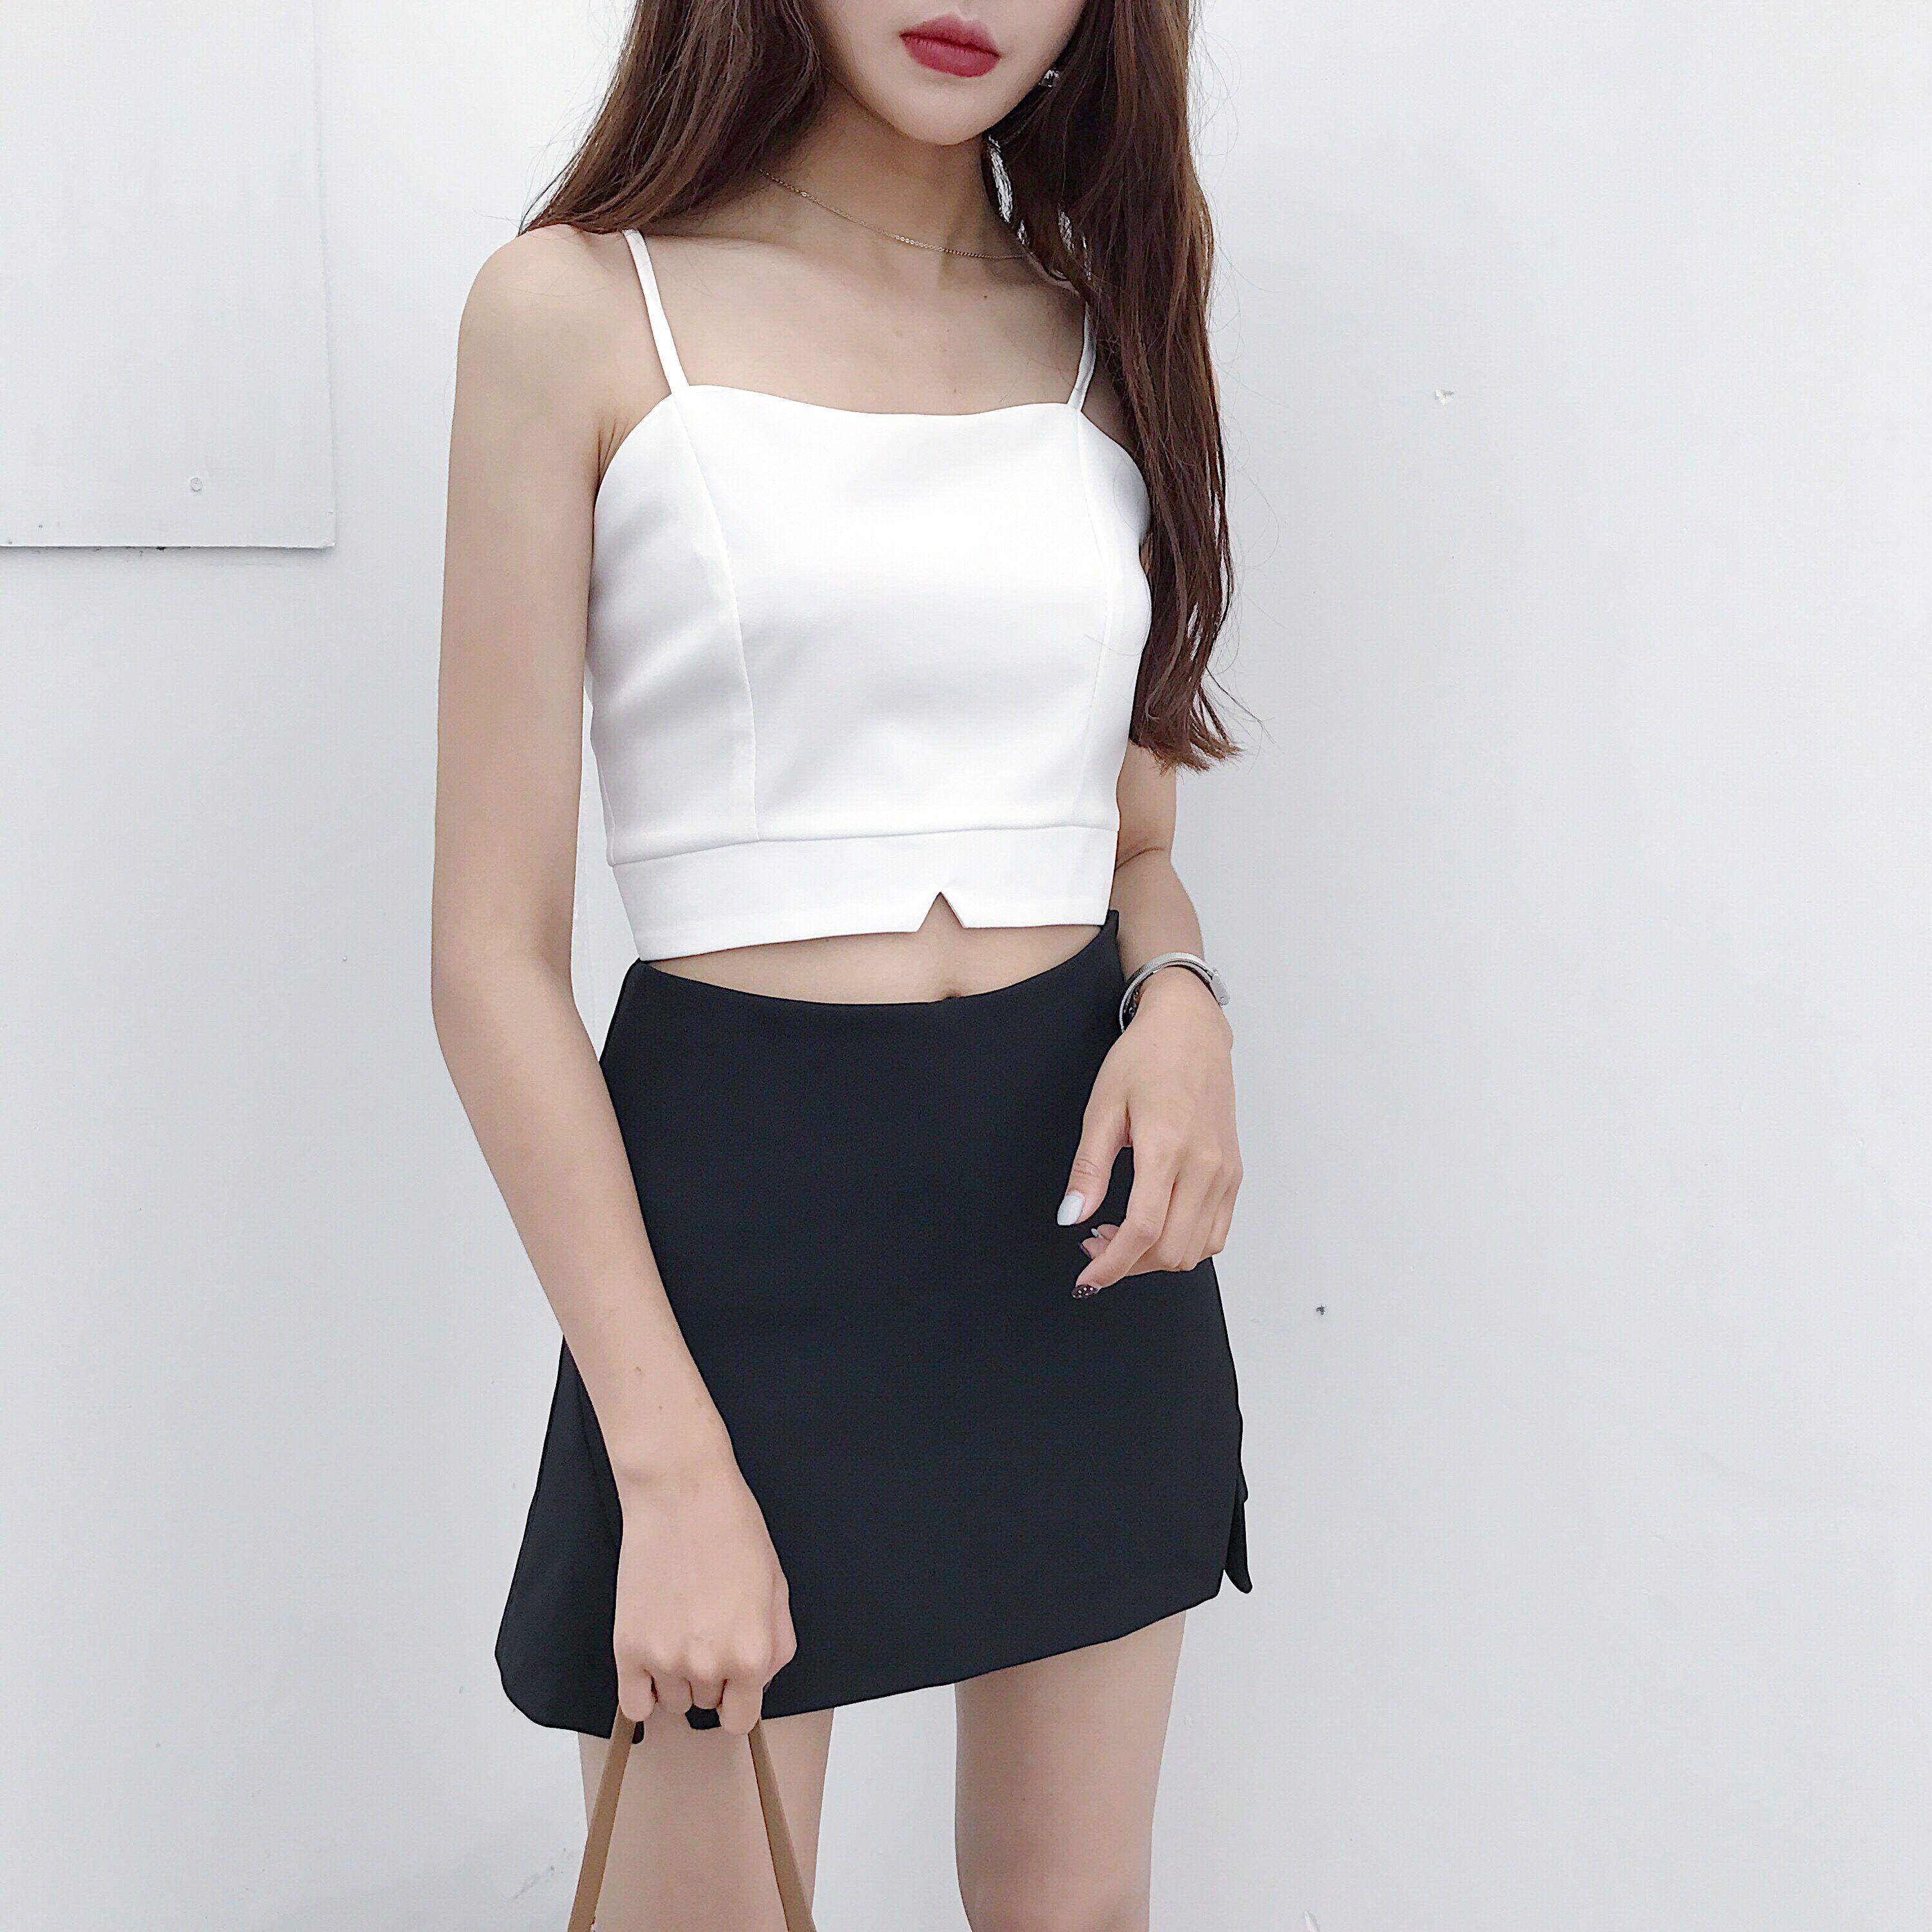 春夏新款时尚性感吊带小背心短款修身显瘦外穿打底衫上衣女装